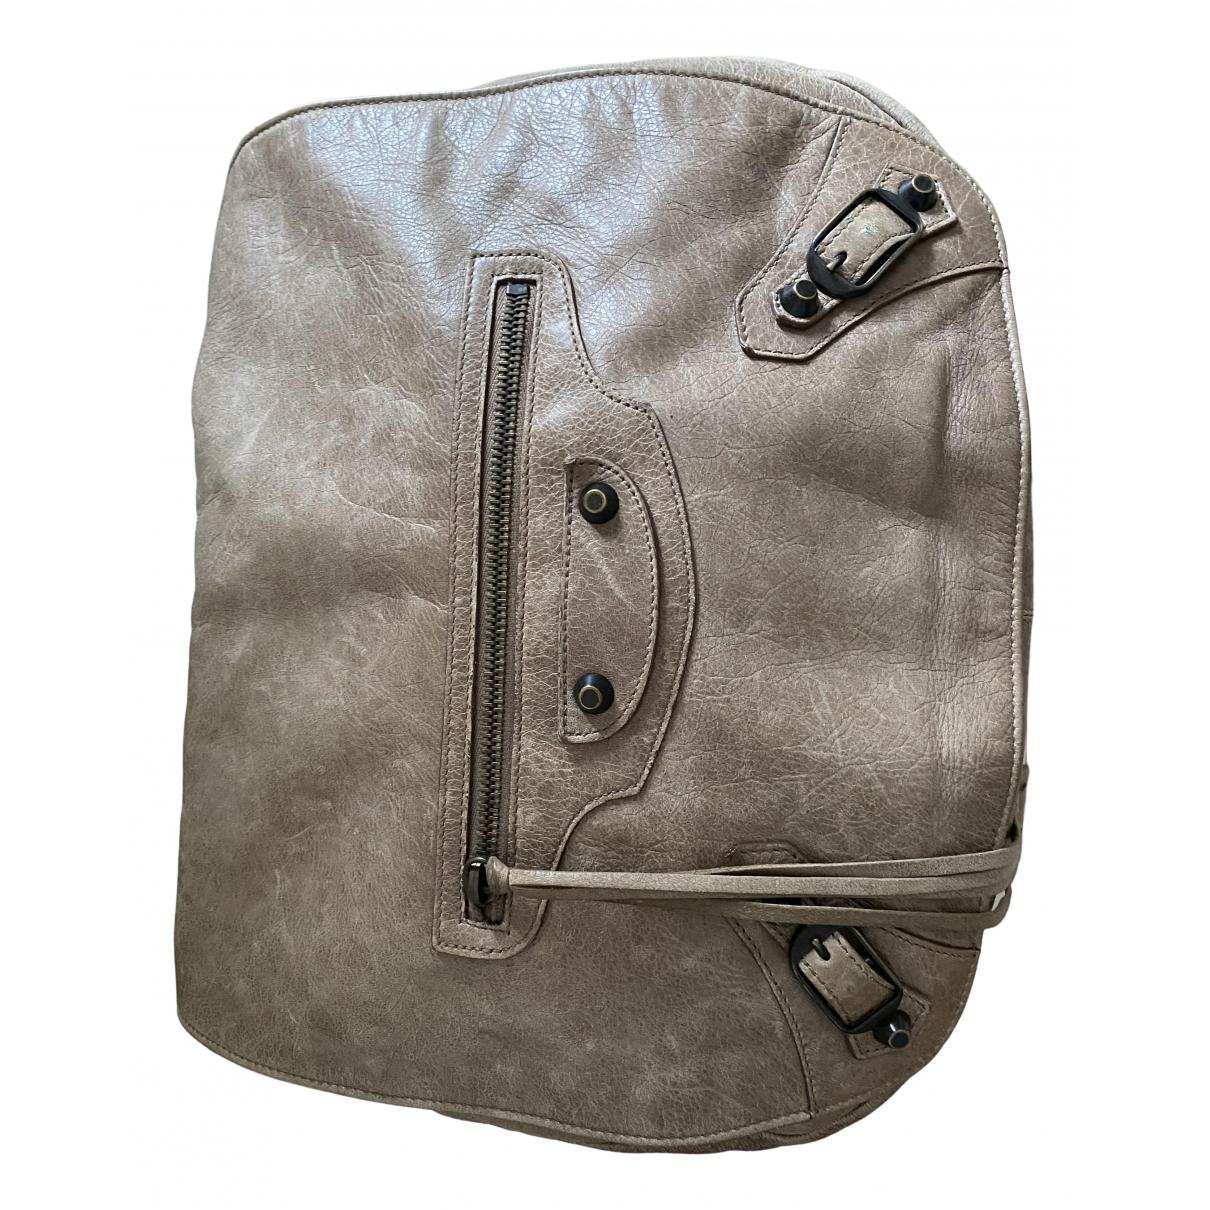 Balenciaga N Beige Leather handbag for Women N